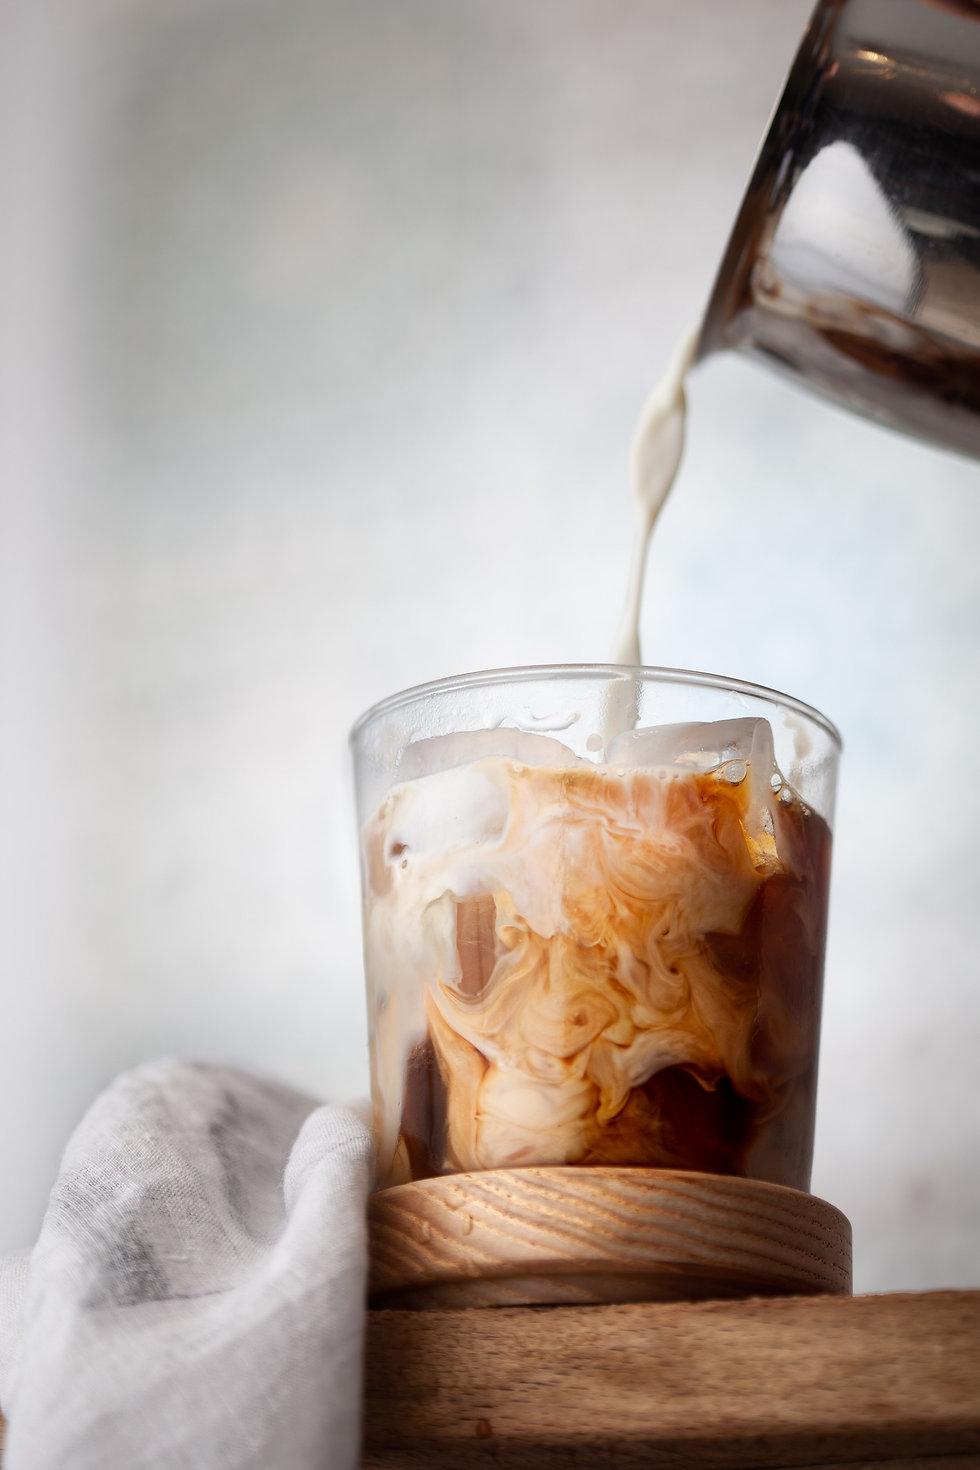 café late glacé